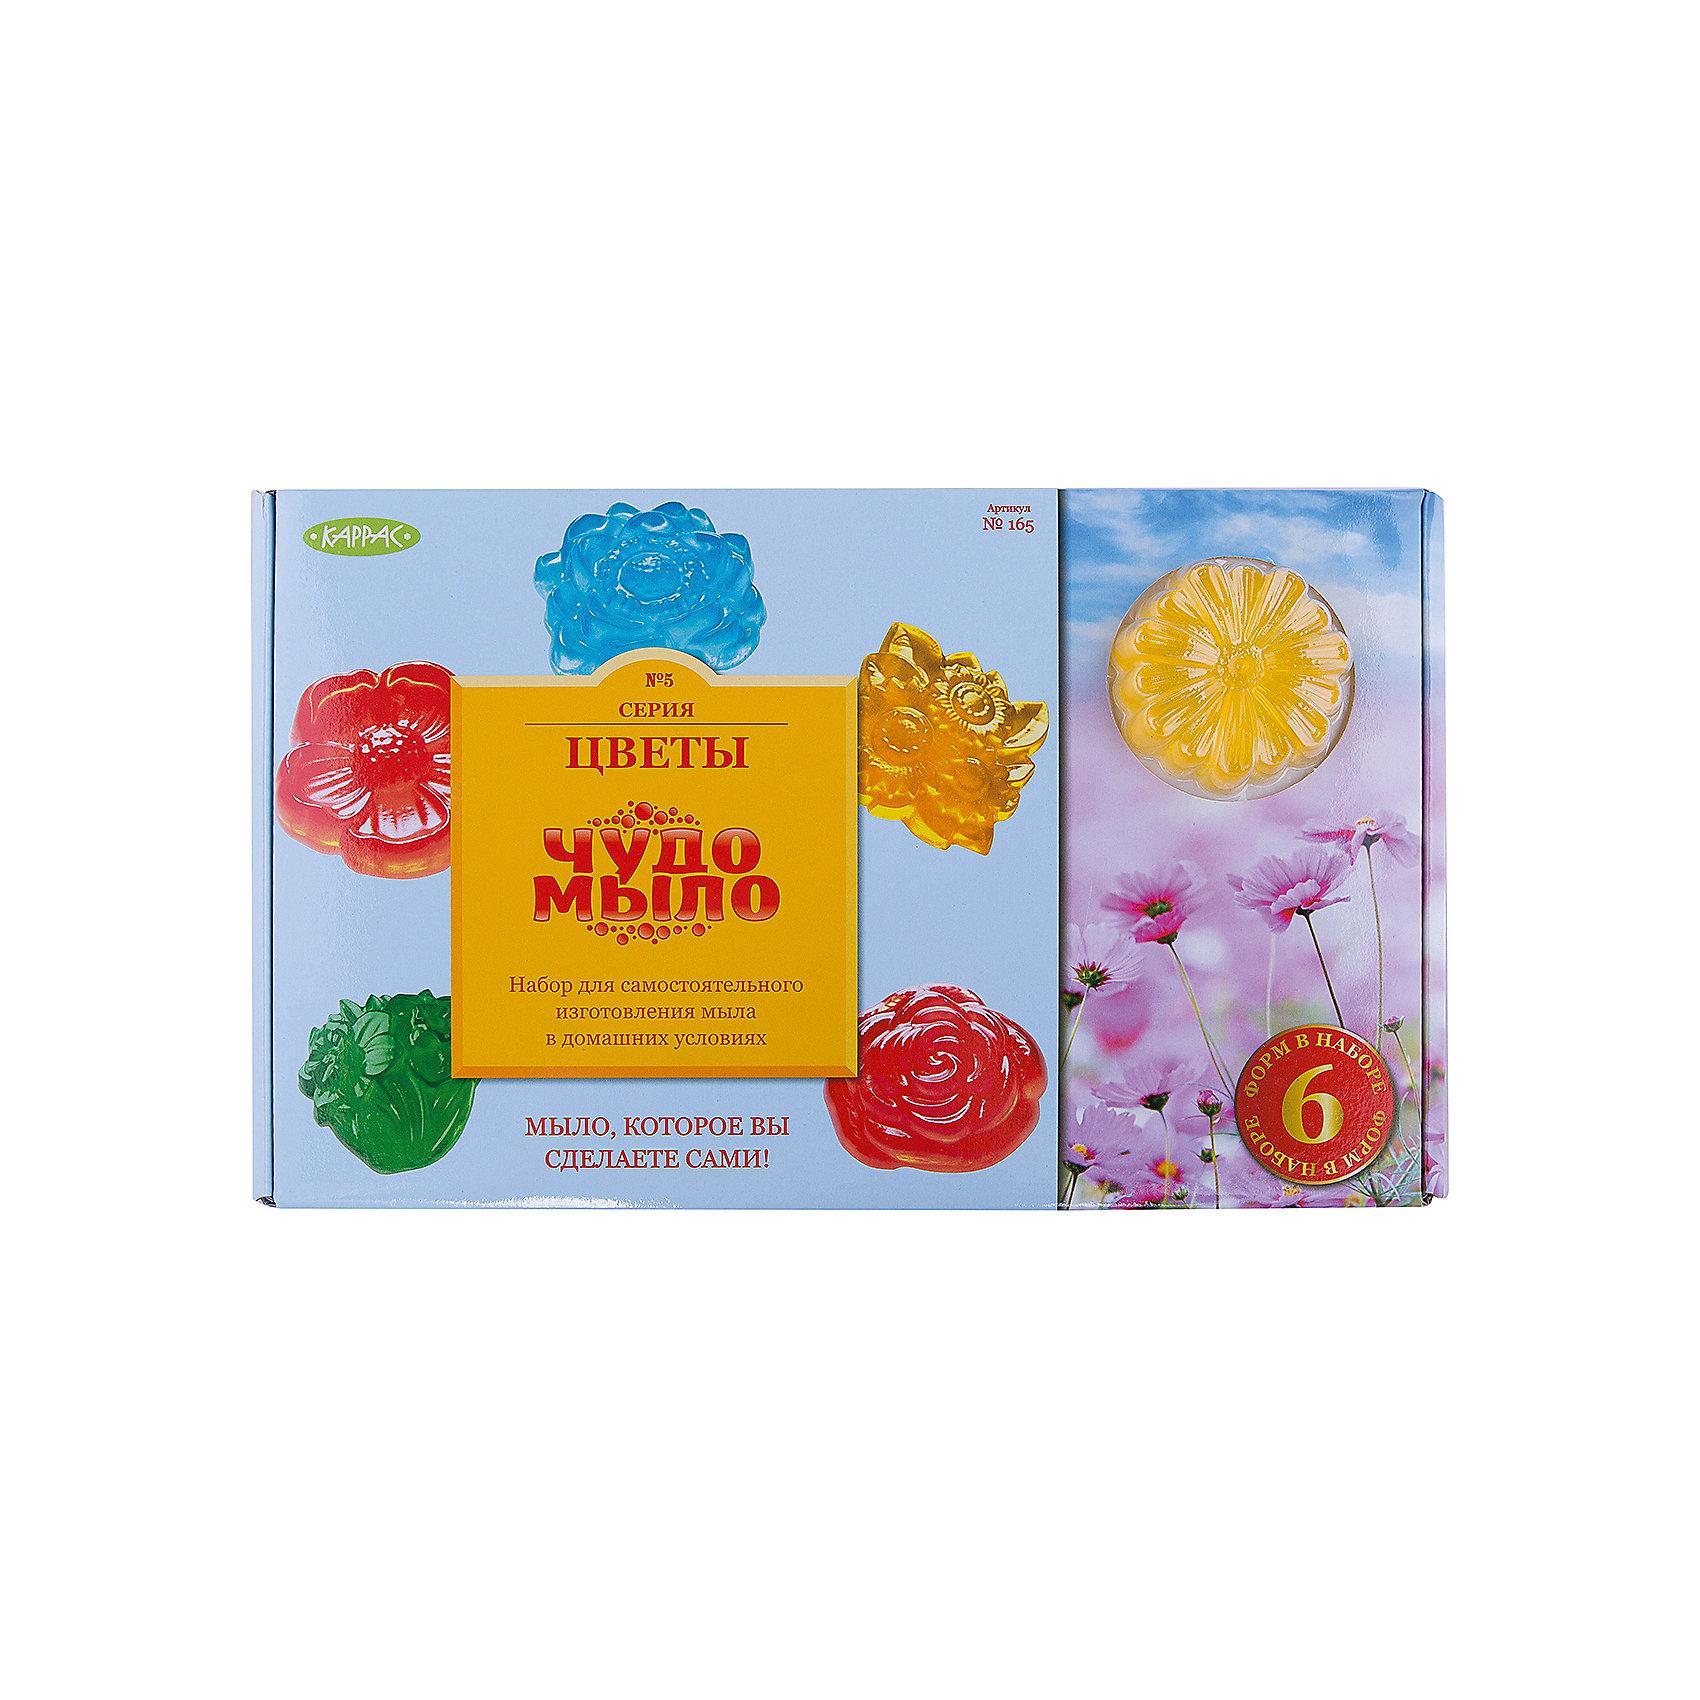 Чудо-Мыло Цветы (большой набор)Прозрачная мыльная основа (300 г)<br>• Натуральные пищевые красители 3шт<br>• Натуральные ароматизаторы 3шт<br>• Глиняная чаша  для микроволновой печи  <br>• Деревянные палочки 3шт.<br>• Защитные перчатки 2 пары<br>• Формы для мыла 6 шт.<br><br>Ширина мм: 320<br>Глубина мм: 70<br>Высота мм: 200<br>Вес г: 890<br>Возраст от месяцев: 96<br>Возраст до месяцев: 180<br>Пол: Унисекс<br>Возраст: Детский<br>SKU: 5083865